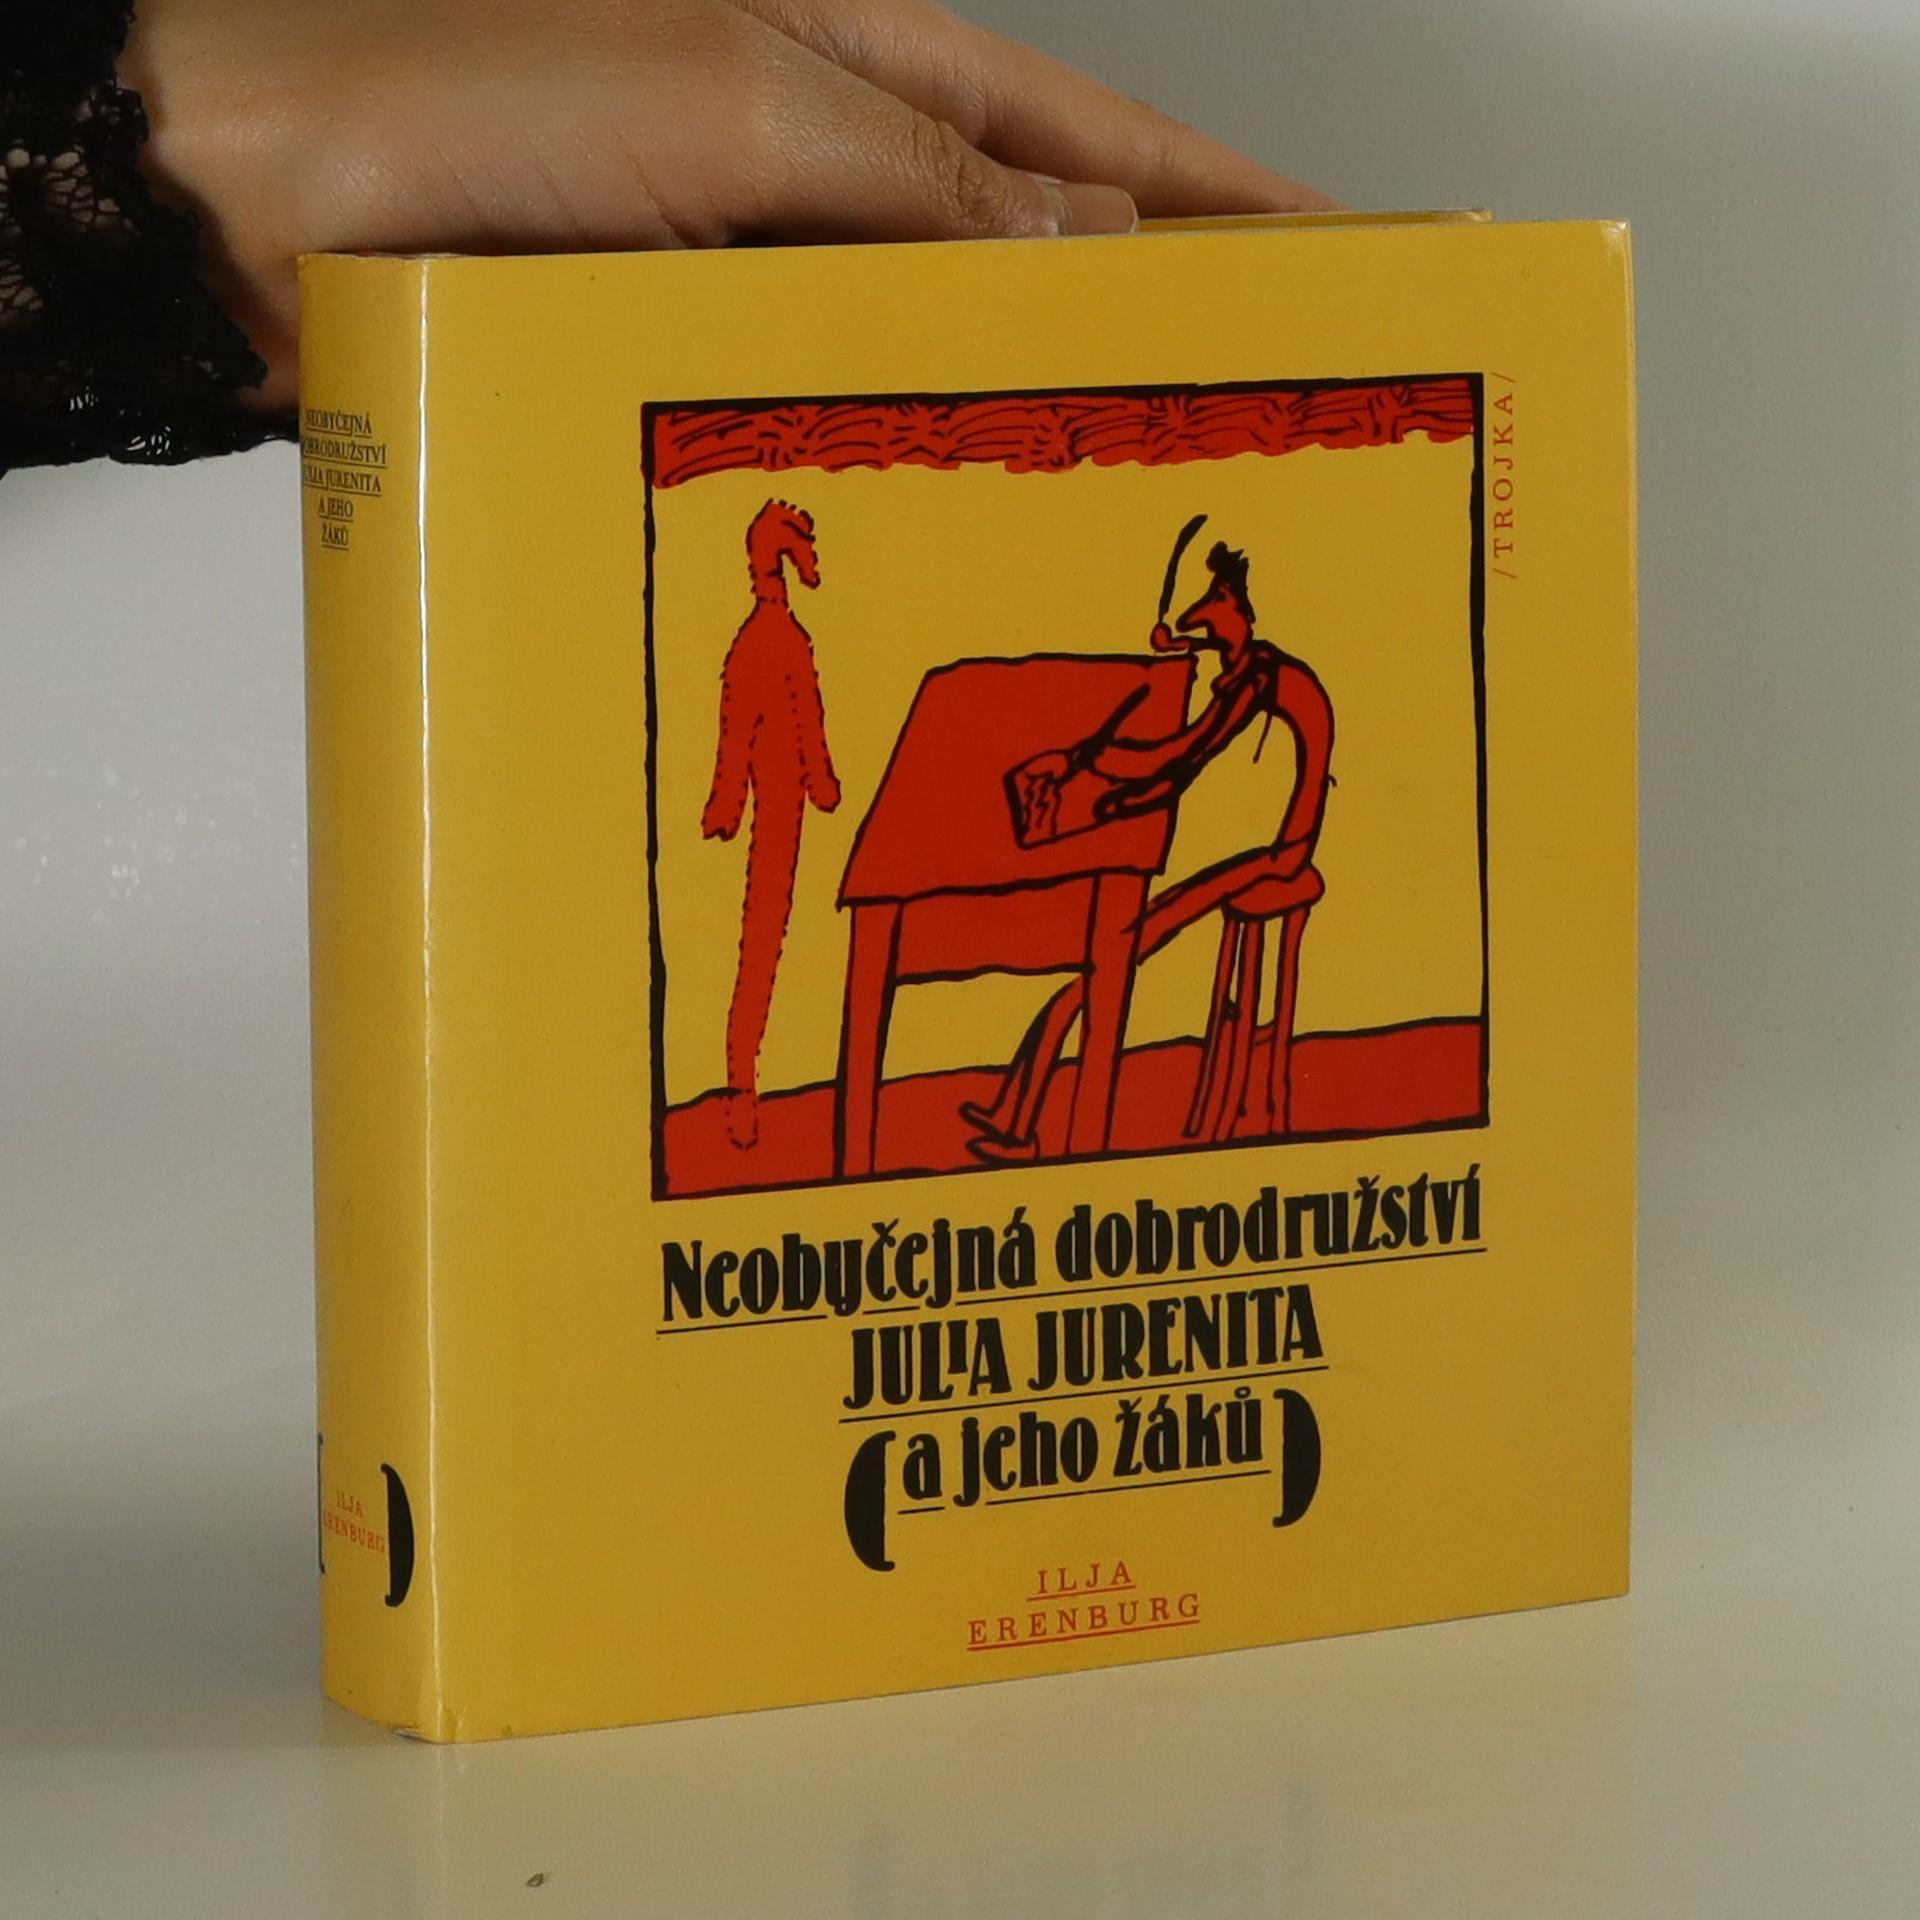 antikvární kniha Neobyčejná dobrodružství Julia Jurenita a jeho žáků, 1984